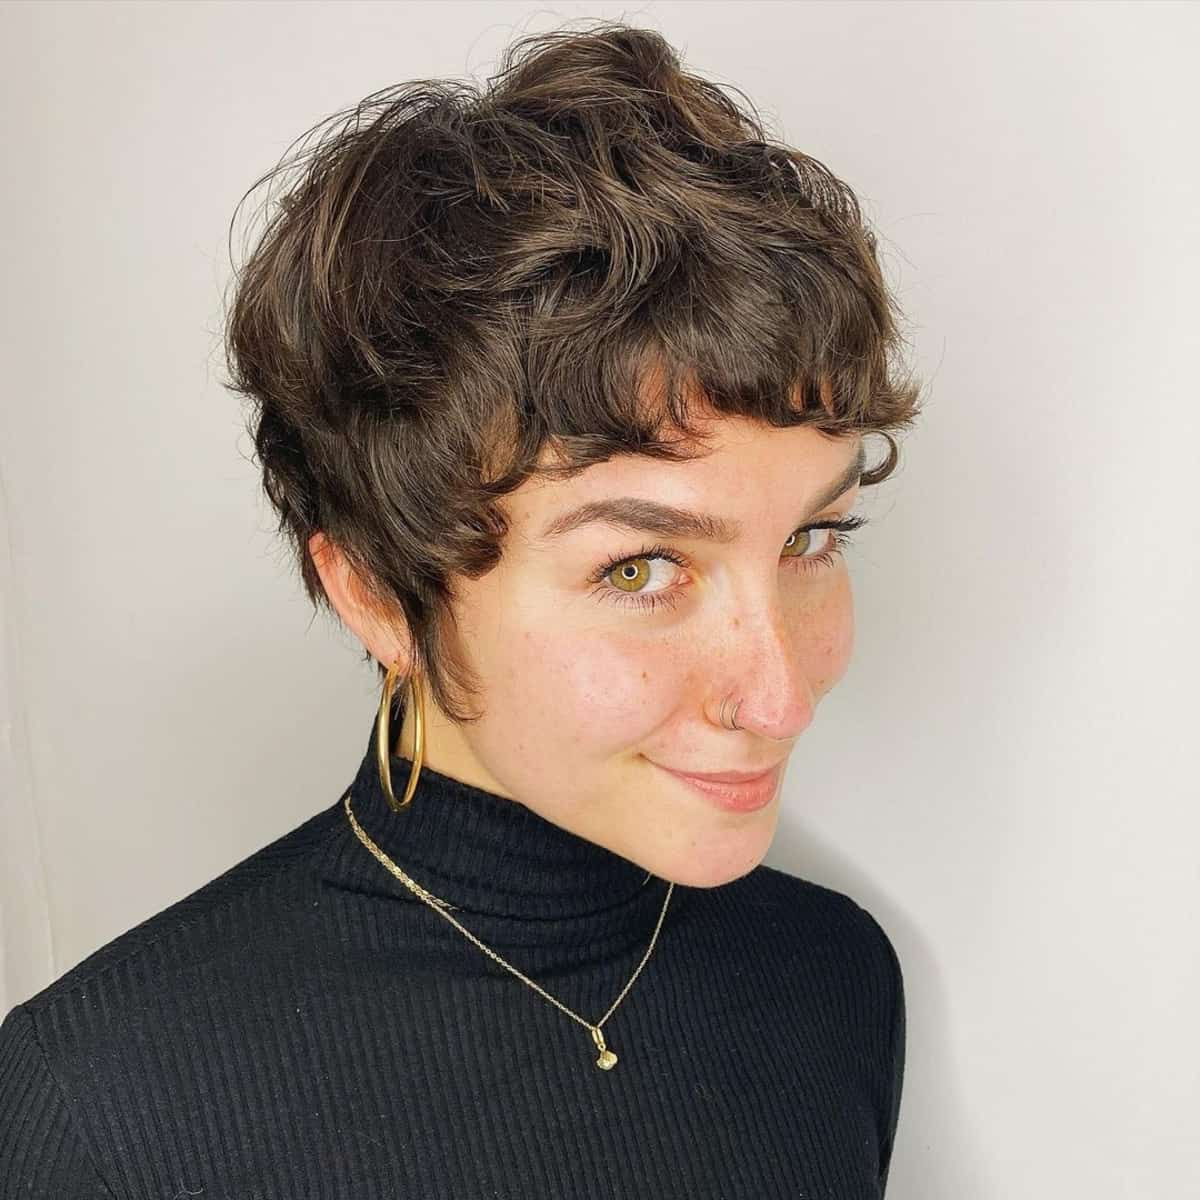 Coiffure Pixie Wavy pour les femmes aux cheveux ondulés